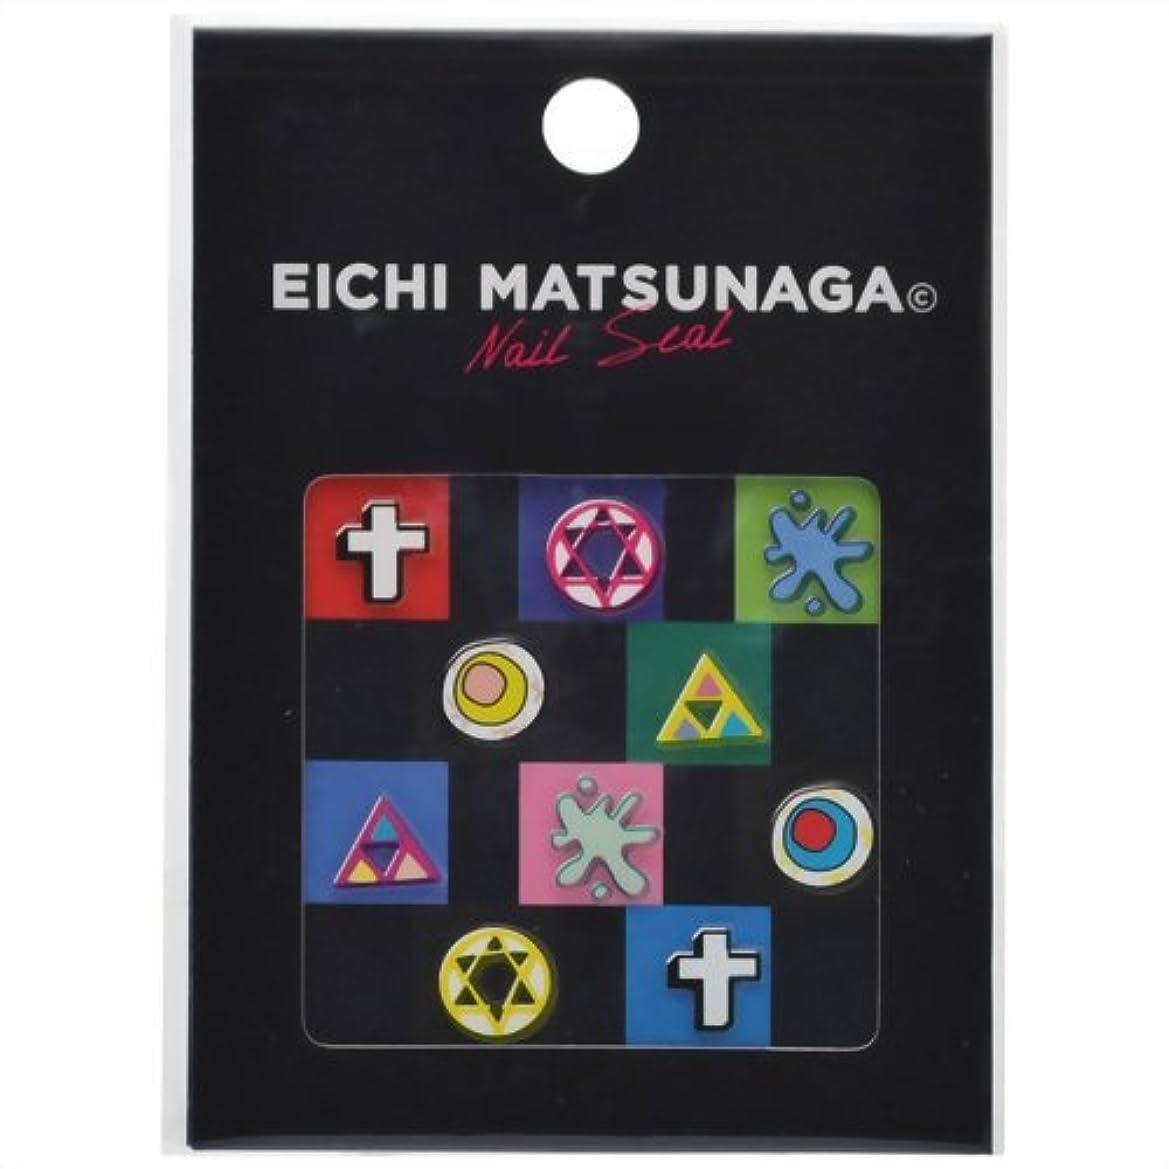 幅プランターりんごウイングビート EICHI MATSUNAGA nail seal EICHI/S-004